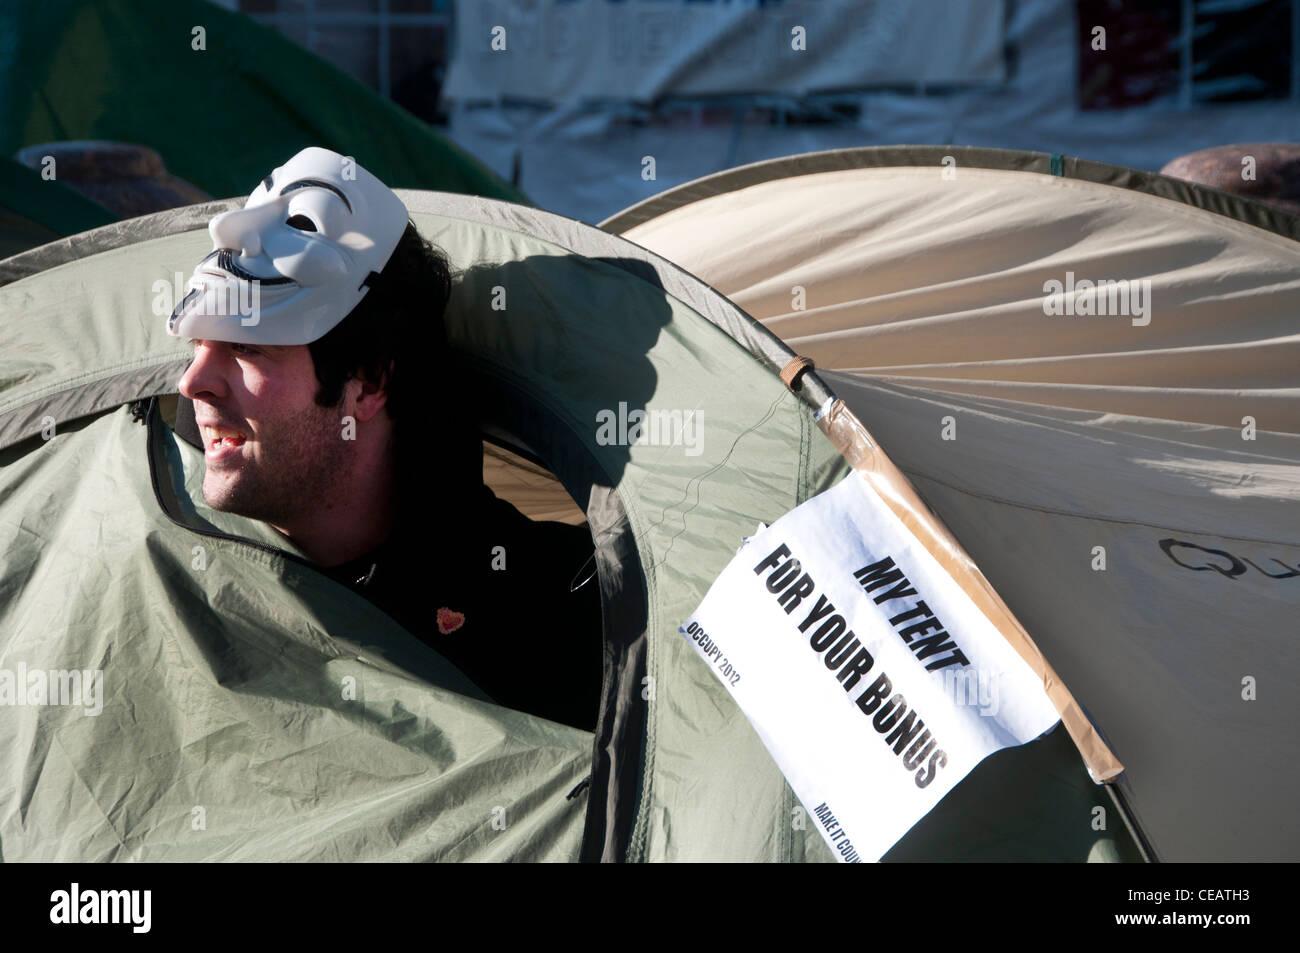 Le tende di fronte alla cattedrale di San Paolo - ha un avviso che dice che la mia tenda per il tuo bonus e protester Immagini Stock